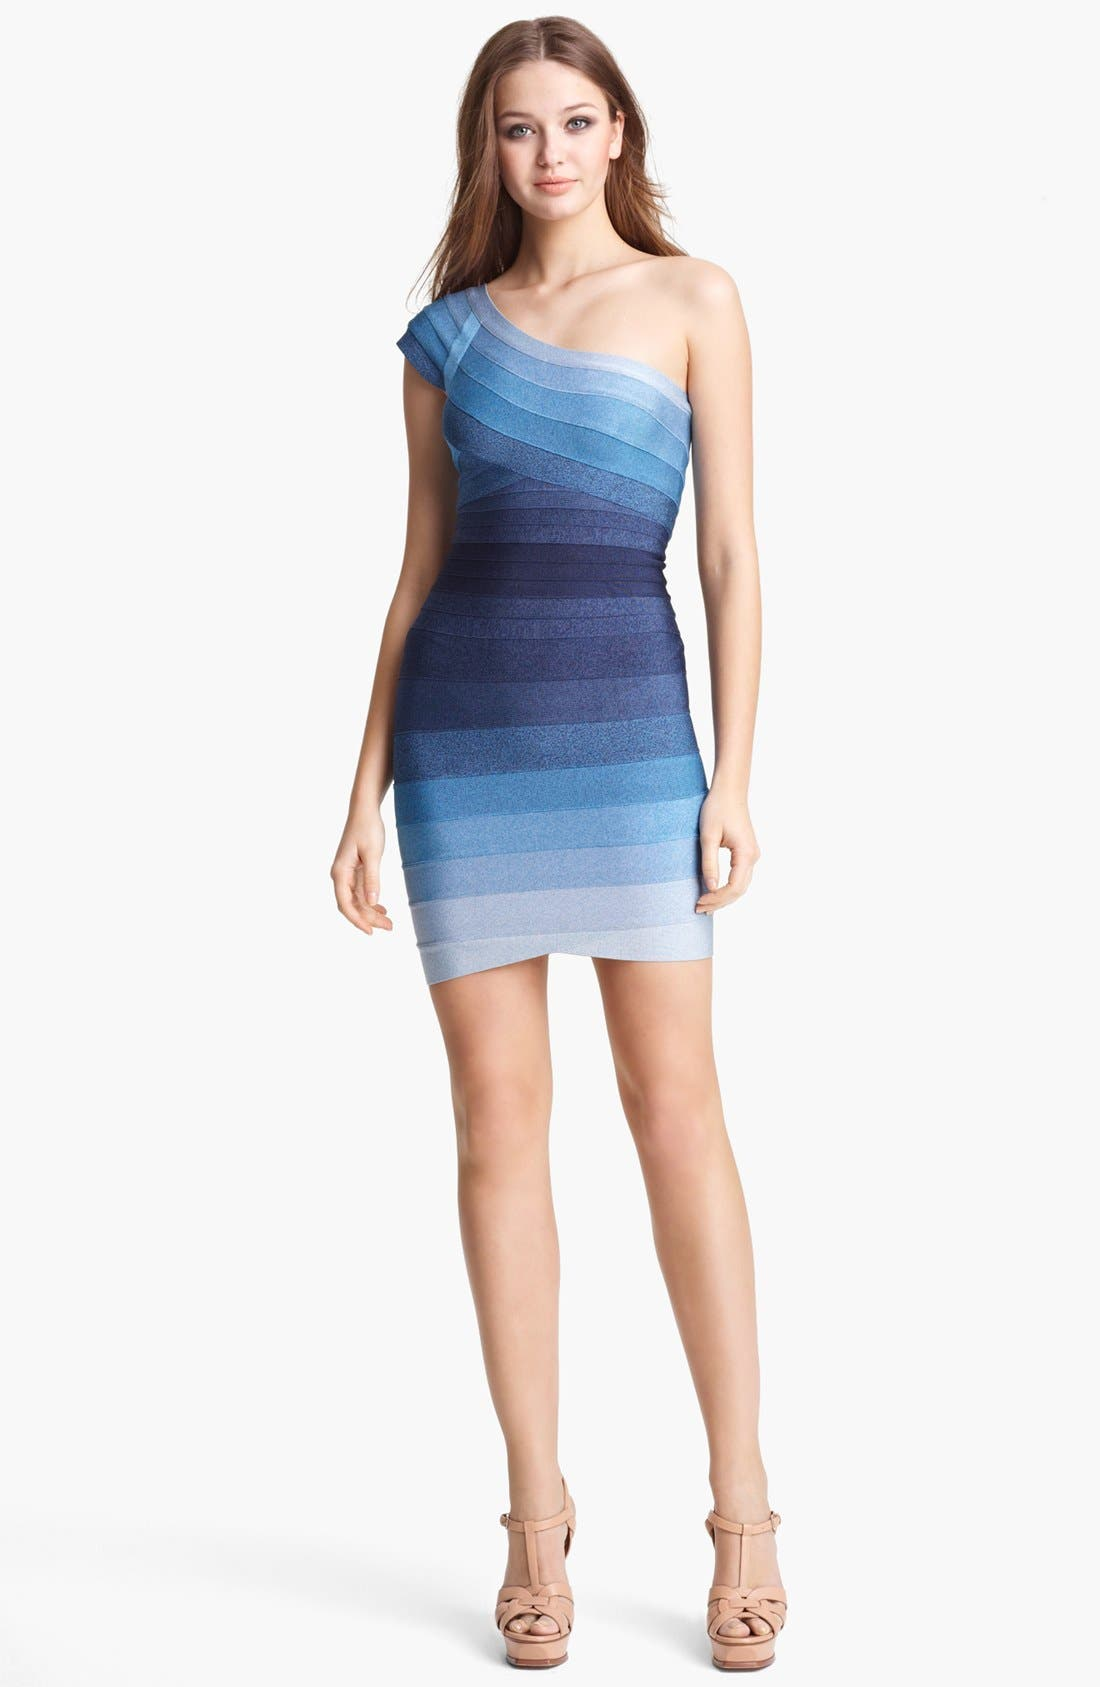 Alternate Image 1 Selected - Herve Leger Ombré One Shoulder Bandage Dress